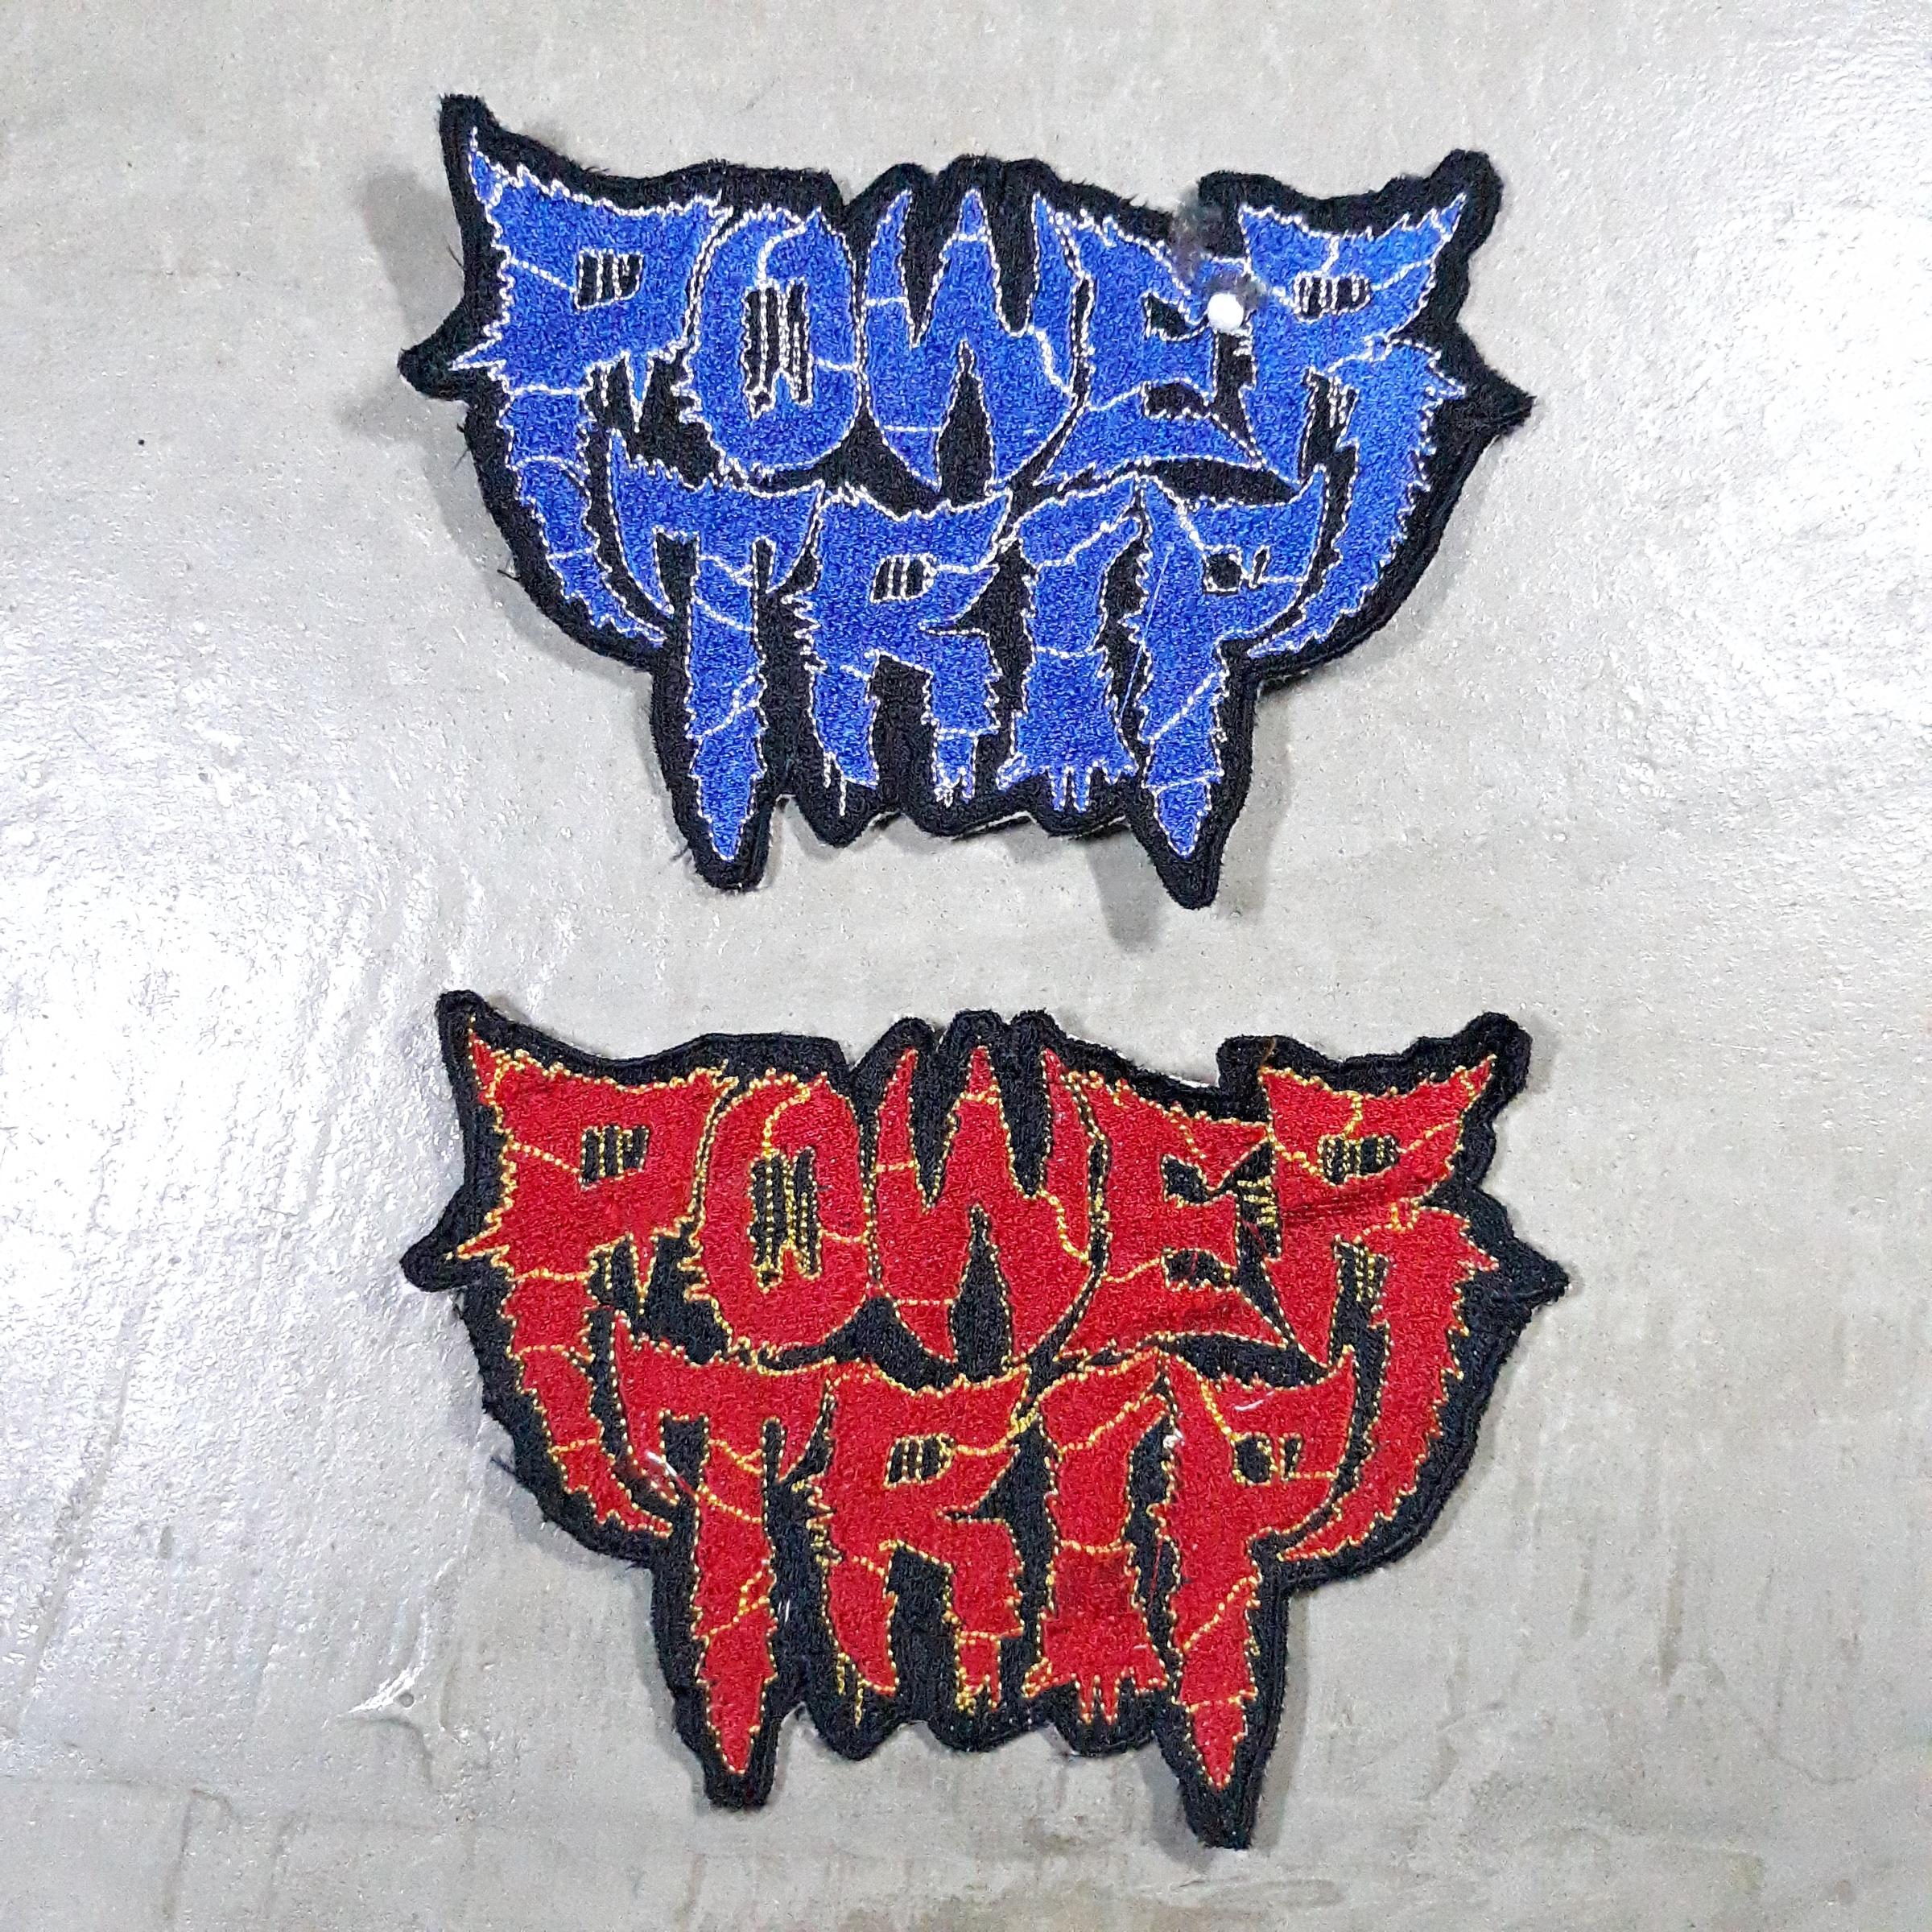 Power Trip.jpg